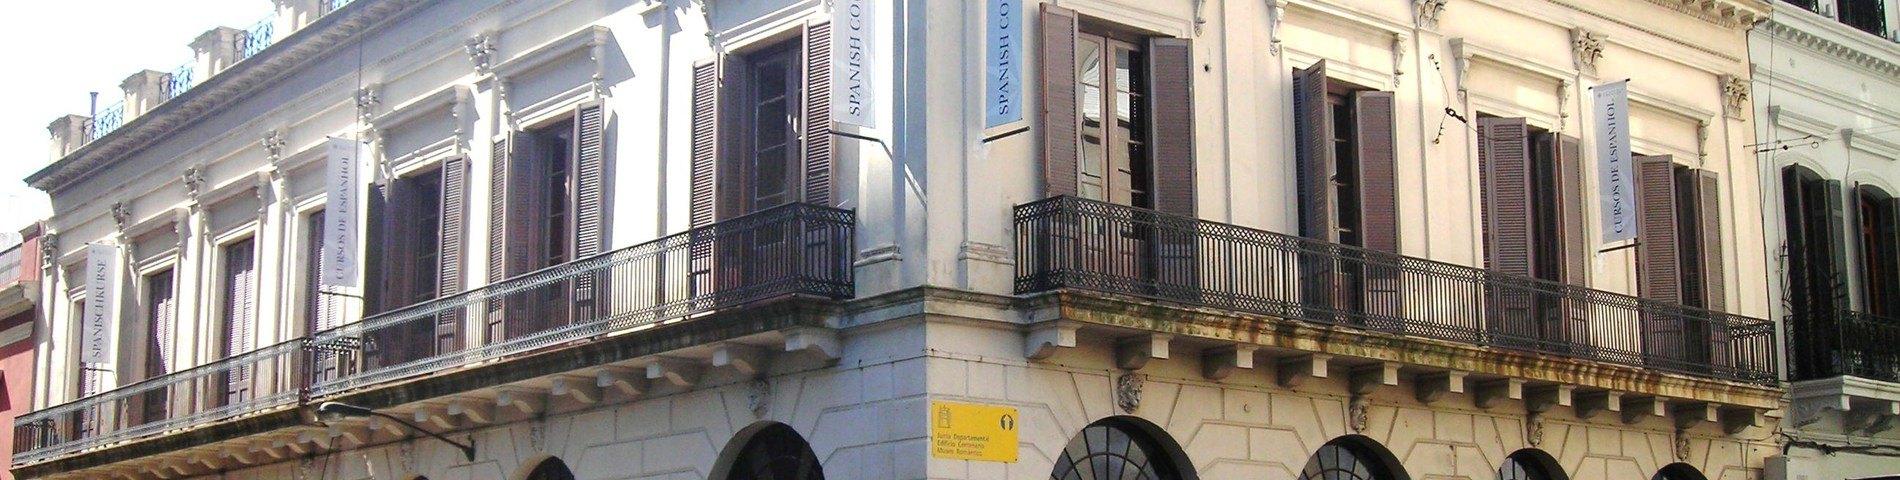 Imagen 1 de la escuela Academia Uruguay